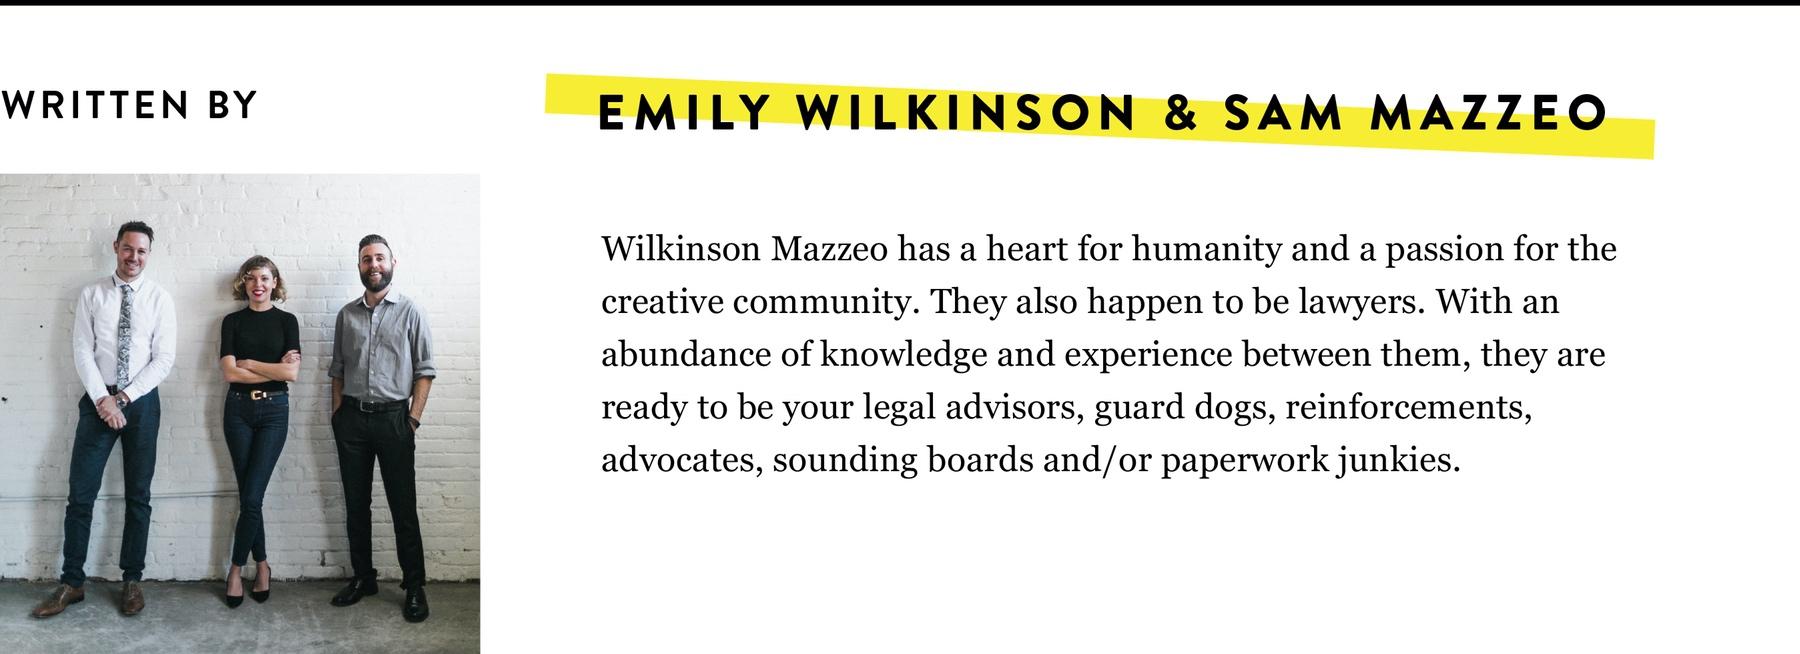 WILKINSON MAZZEO BIO